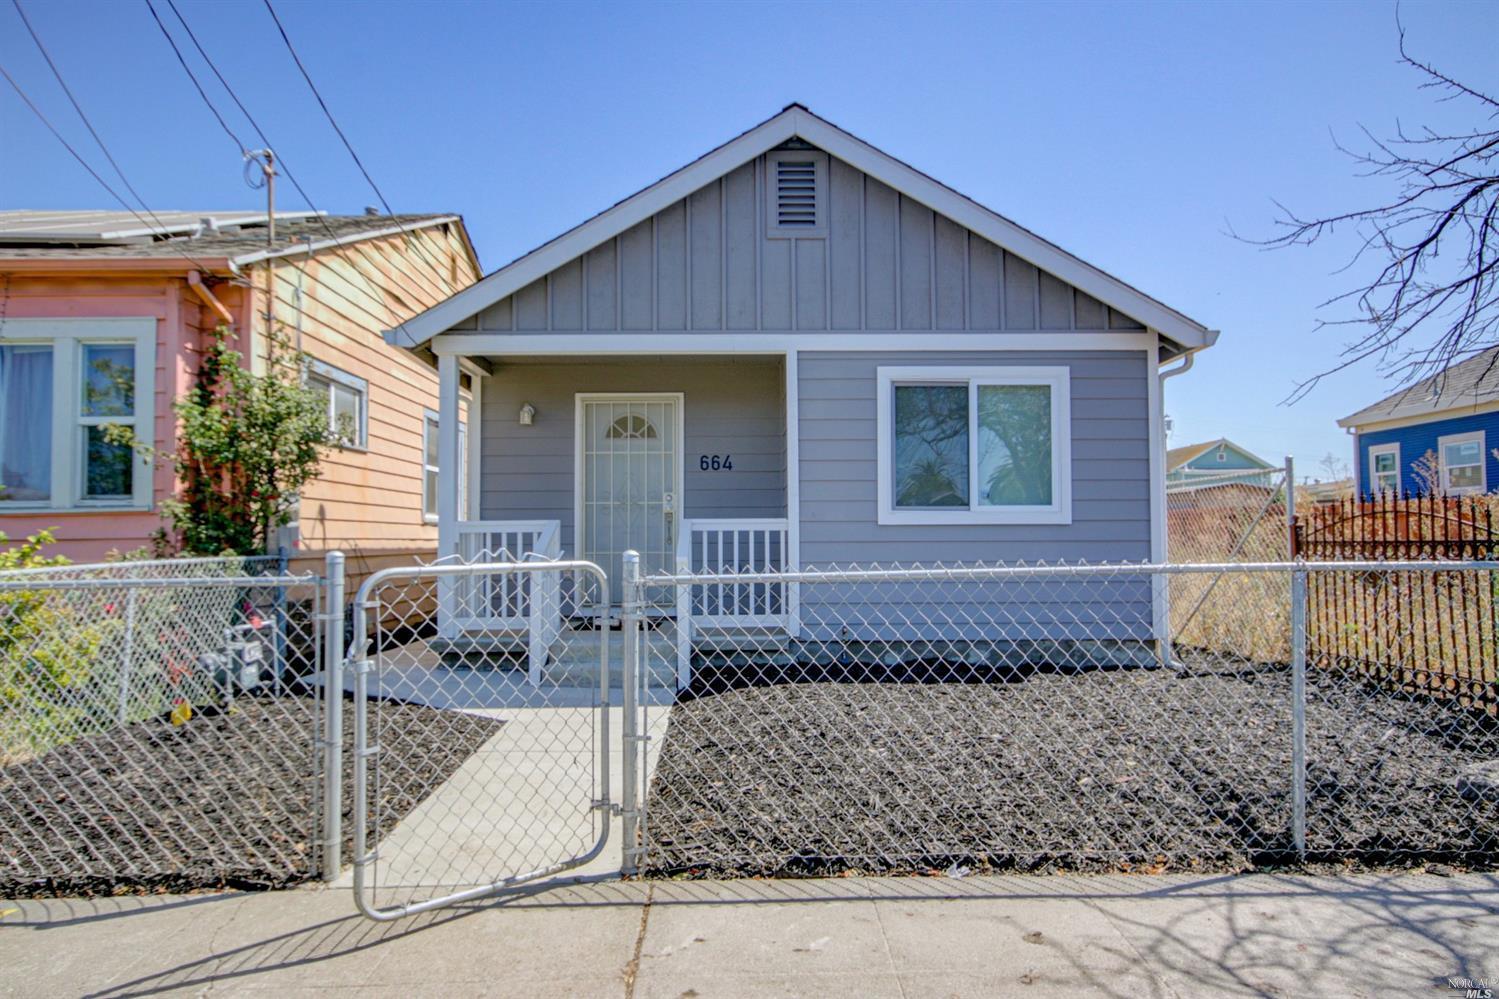 RICHMOND, CA 94801